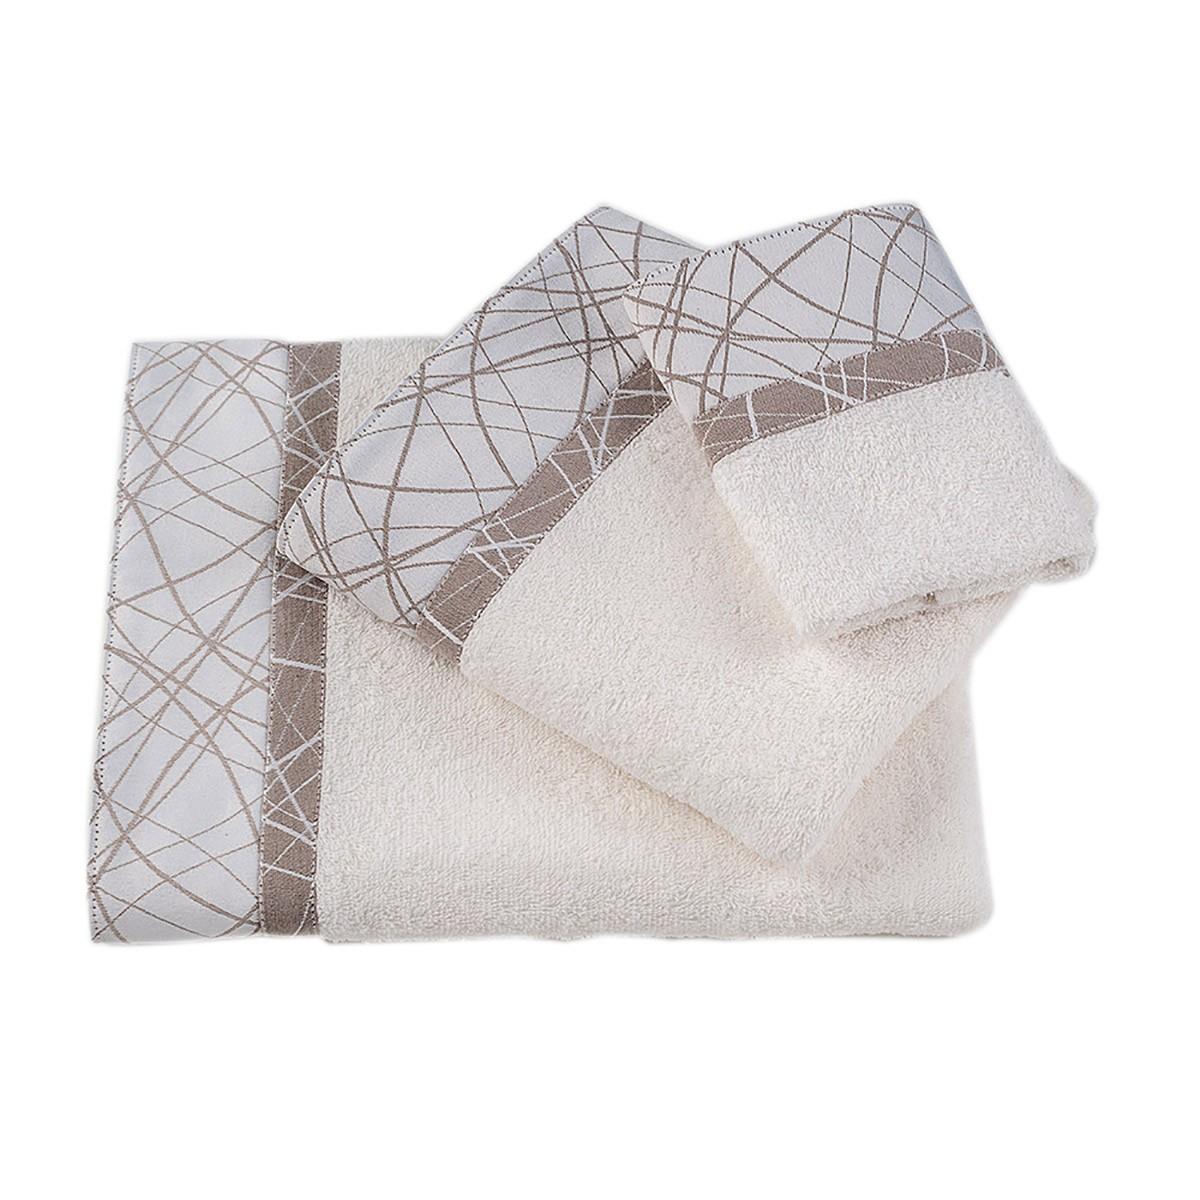 Πετσέτες Μπάνιου (Σετ 3τμχ) Omega Home Des 122